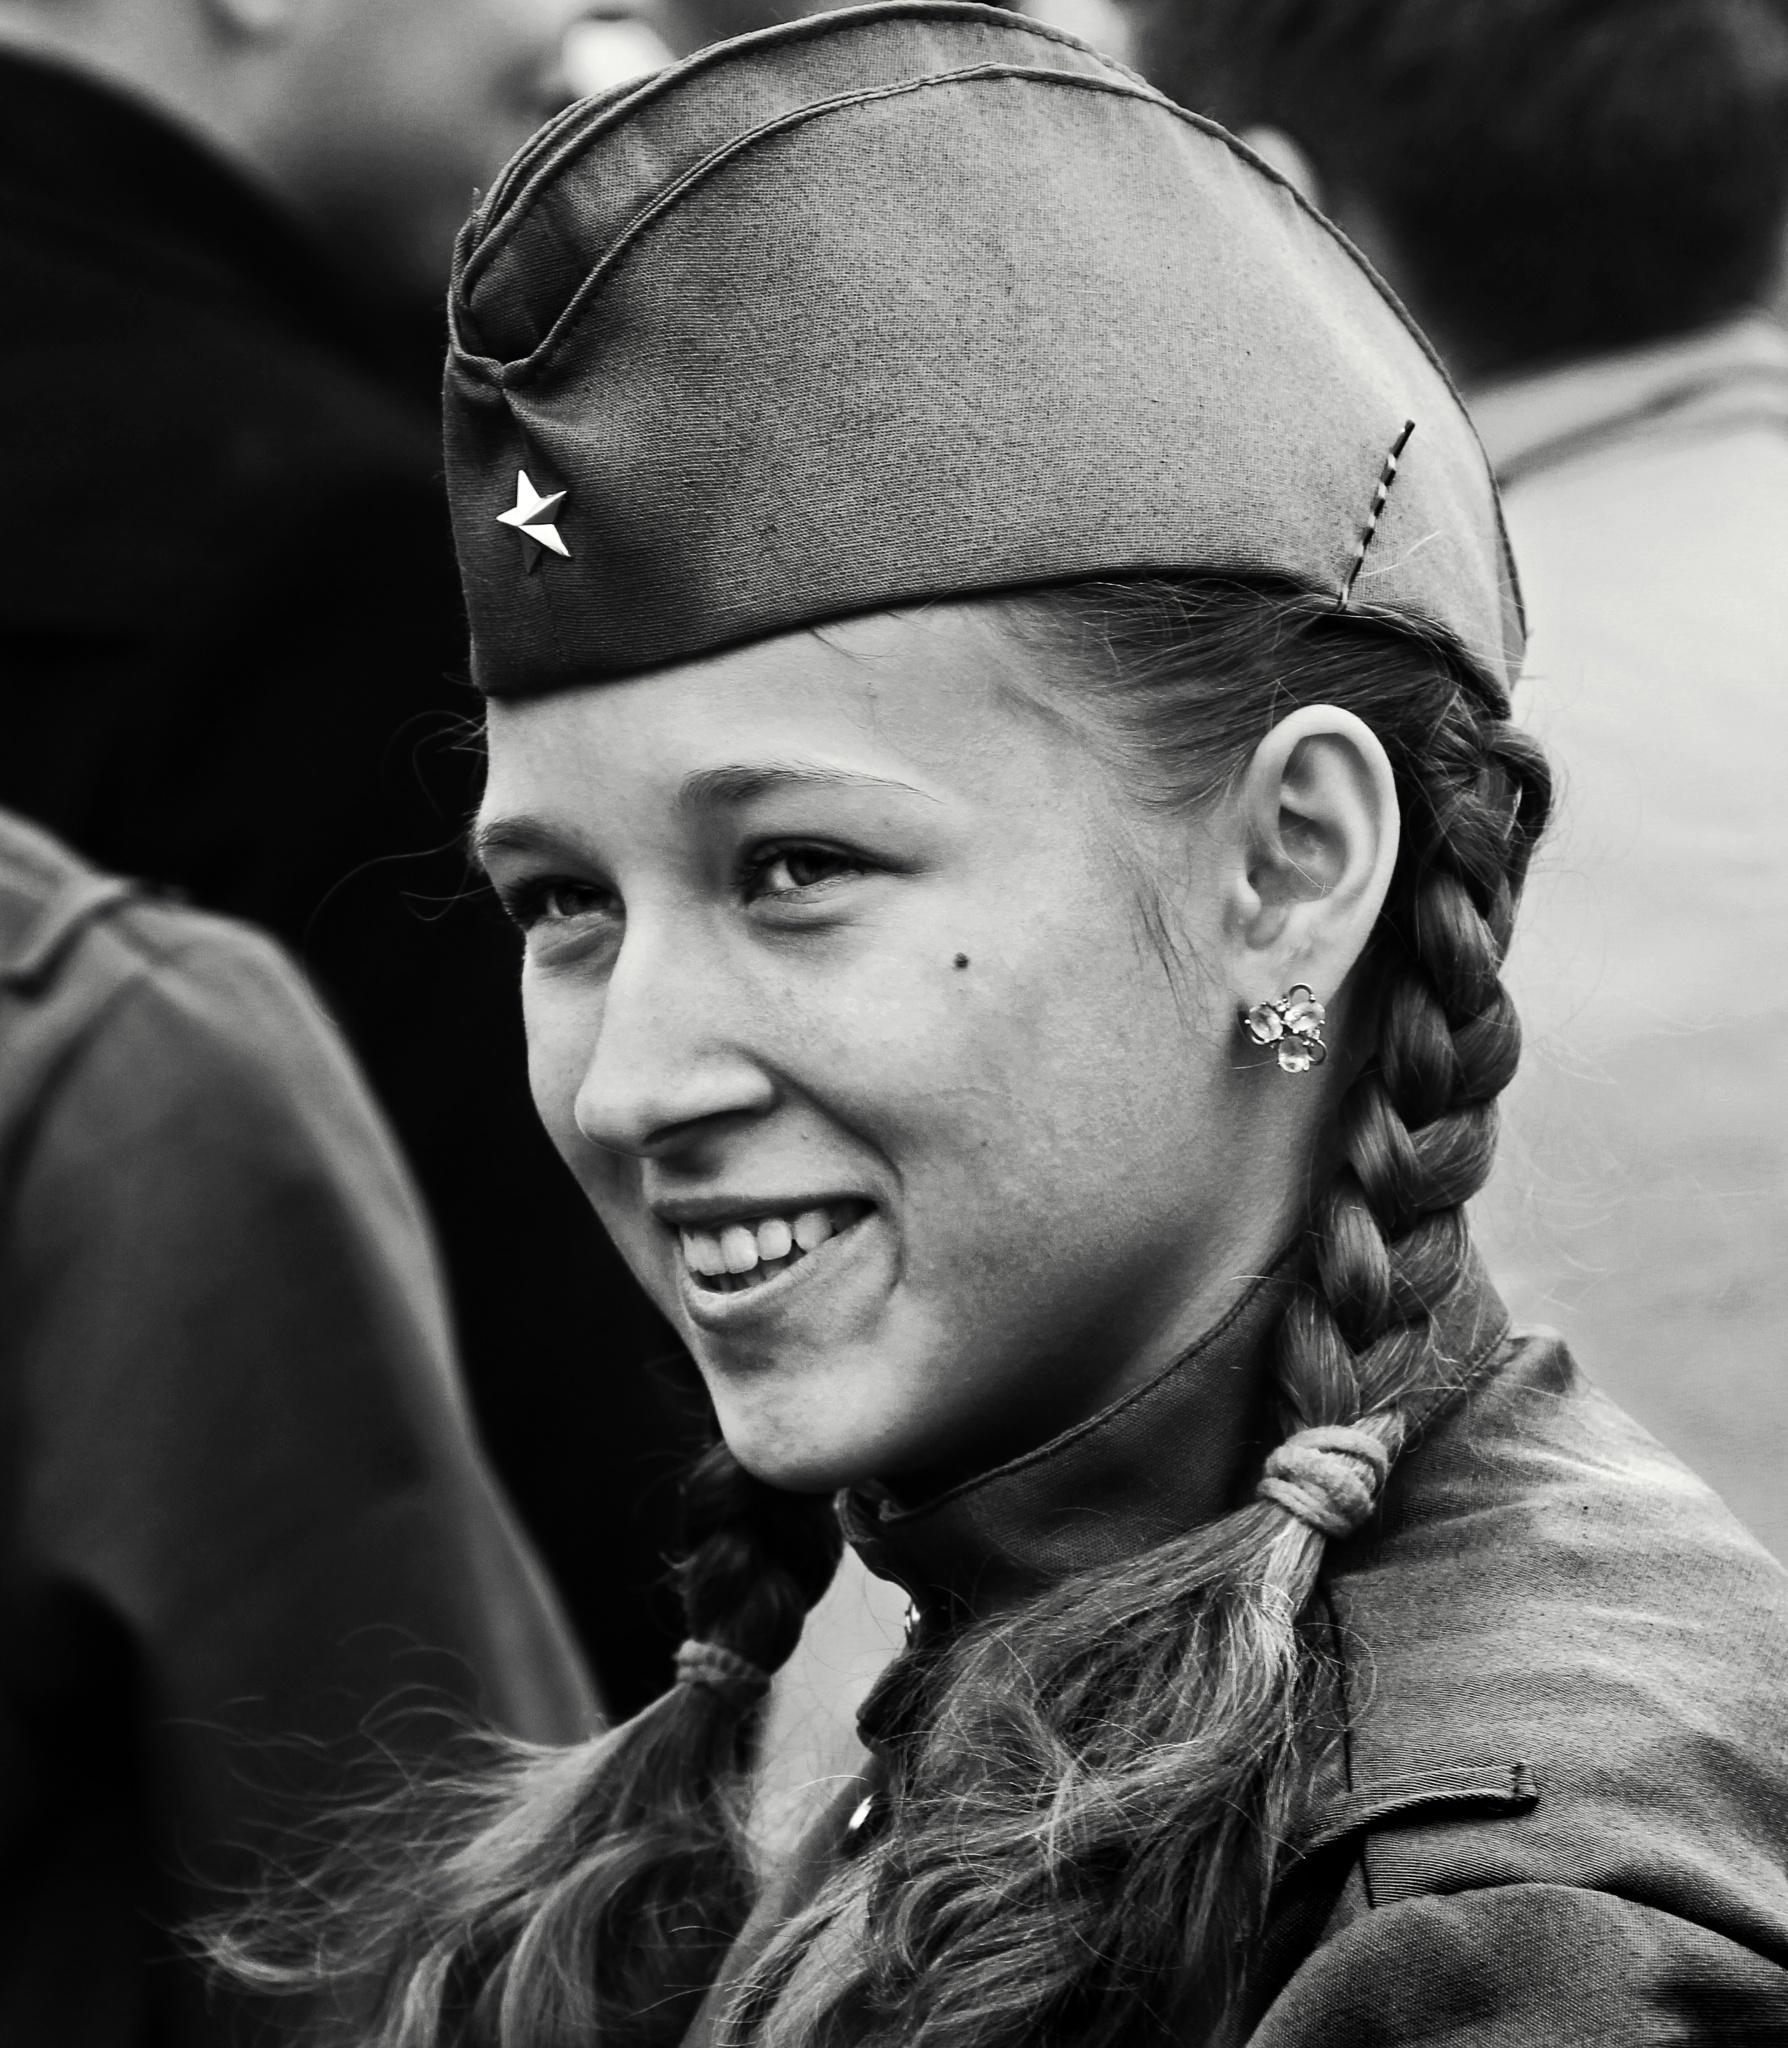 Victory Day by Сергей Юрьев